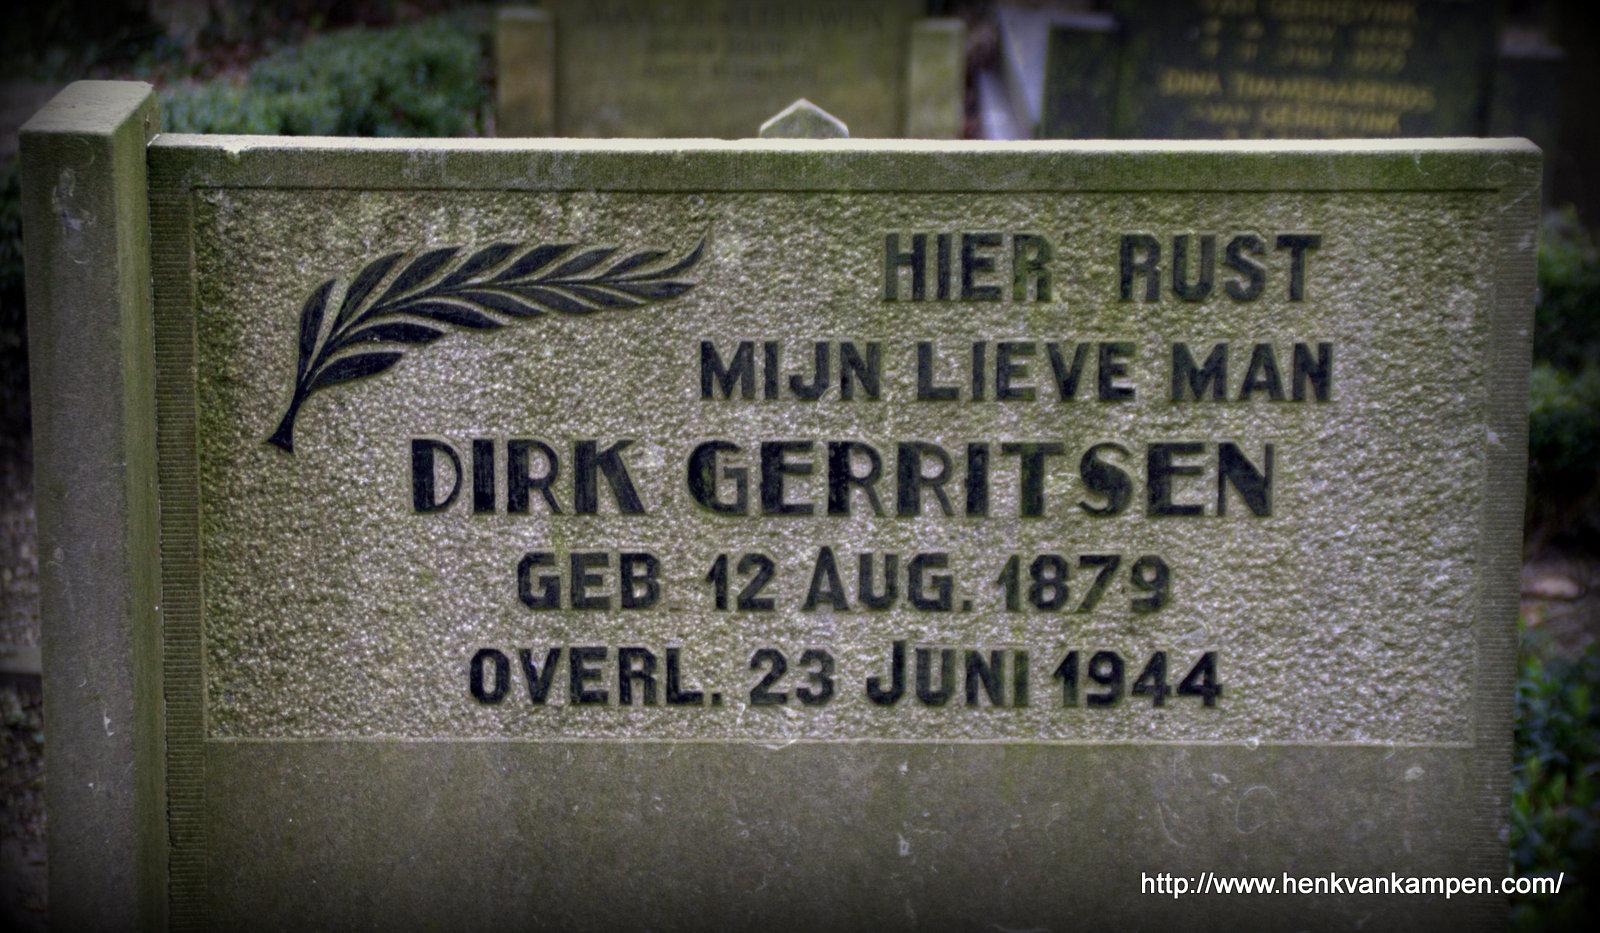 Tombstone of Dirk Gerritsen. Kerkveld cemetery, Nieuwegein.